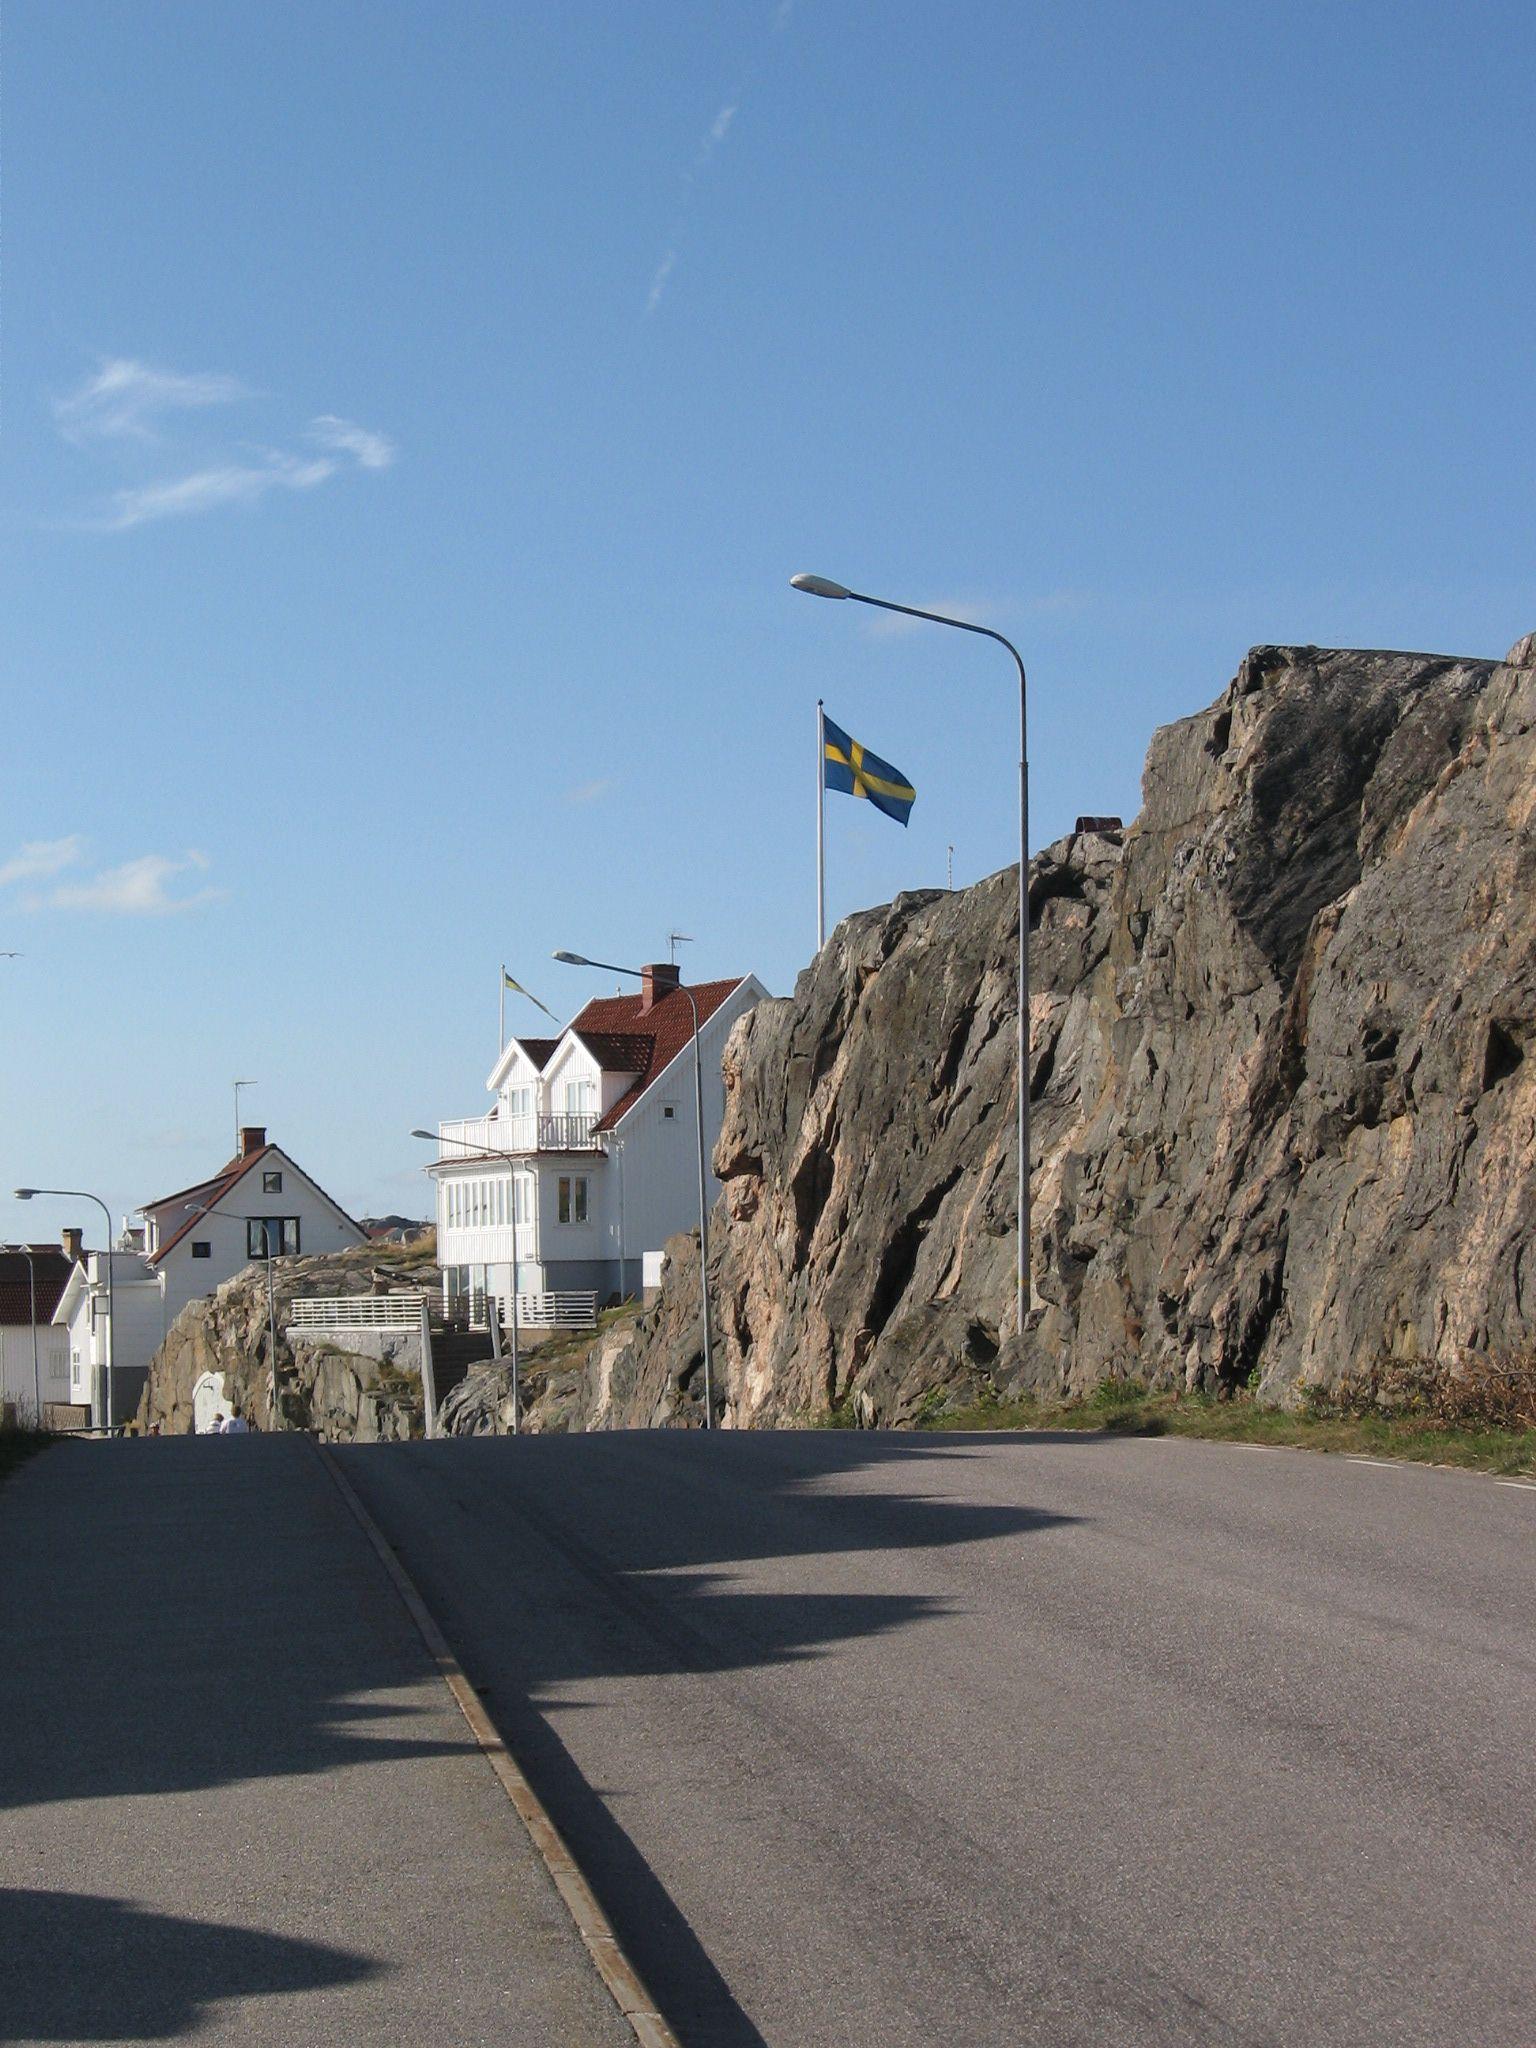 Bohuslan, Sweden - photo taken by me